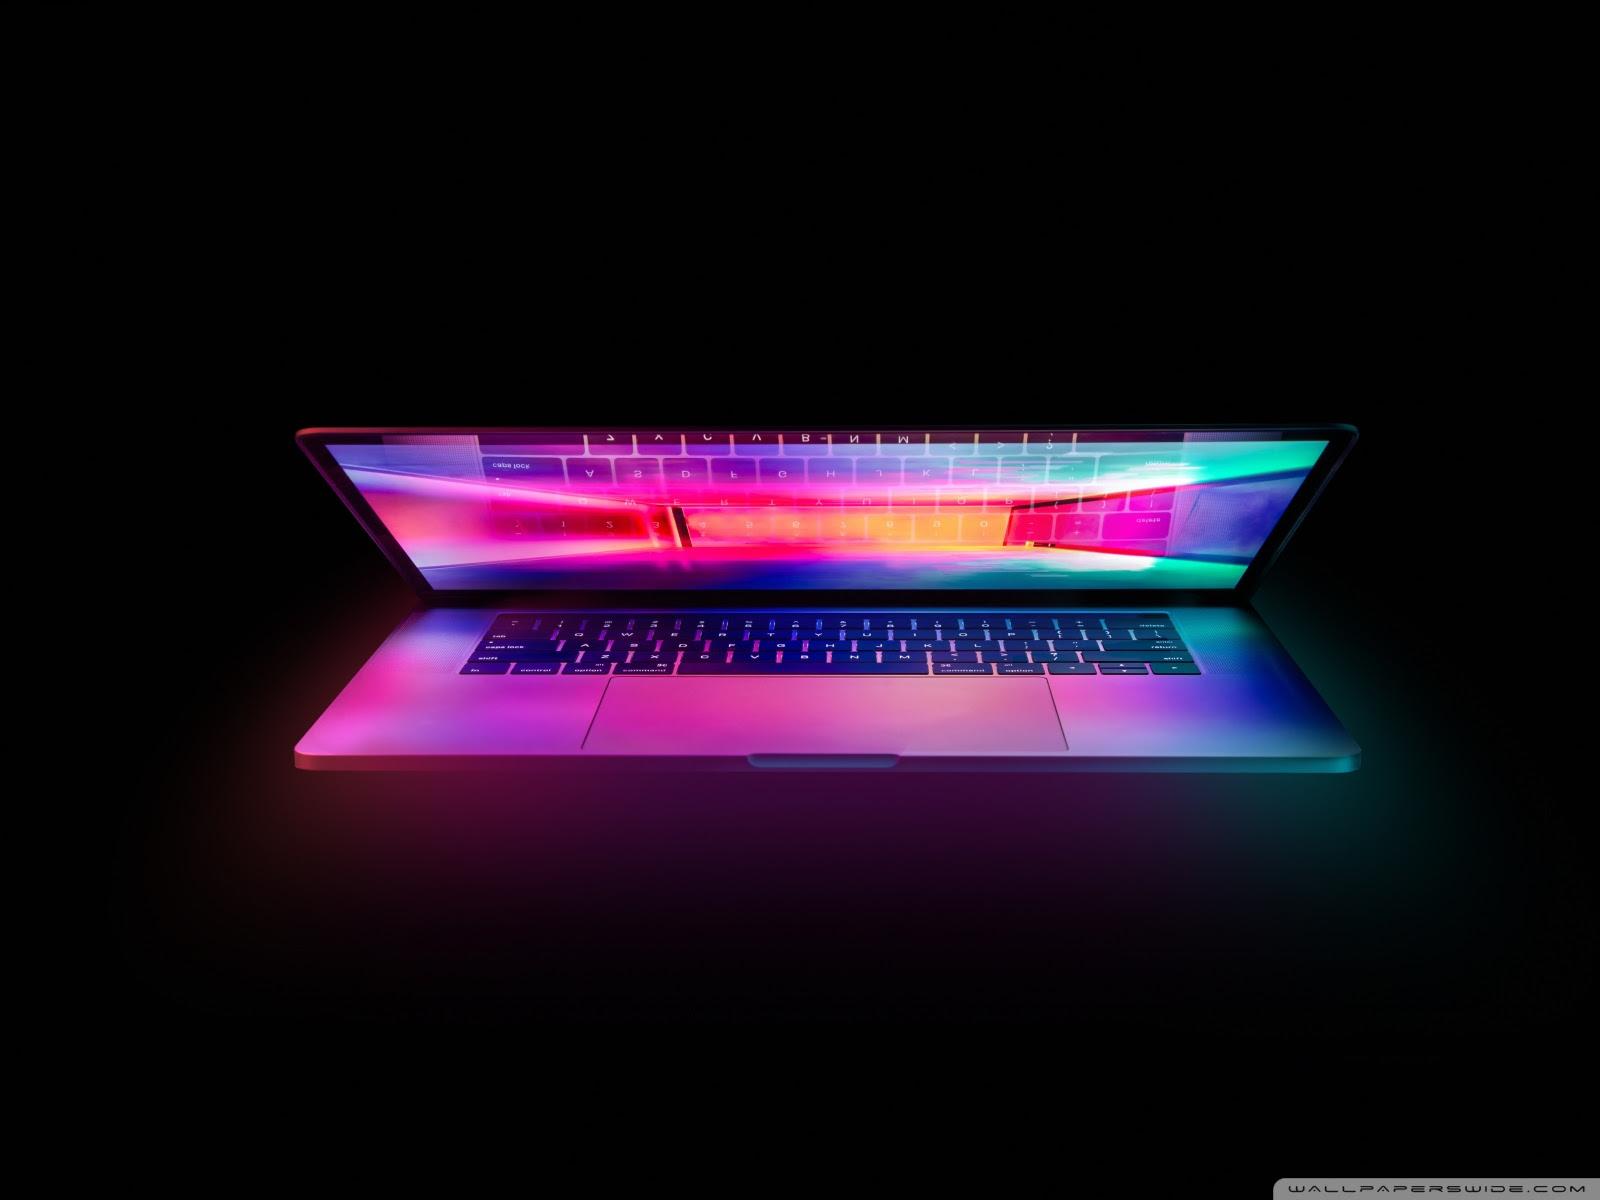 Hd Wallpaper For Hp Laptop Windows 10 Hd Blast